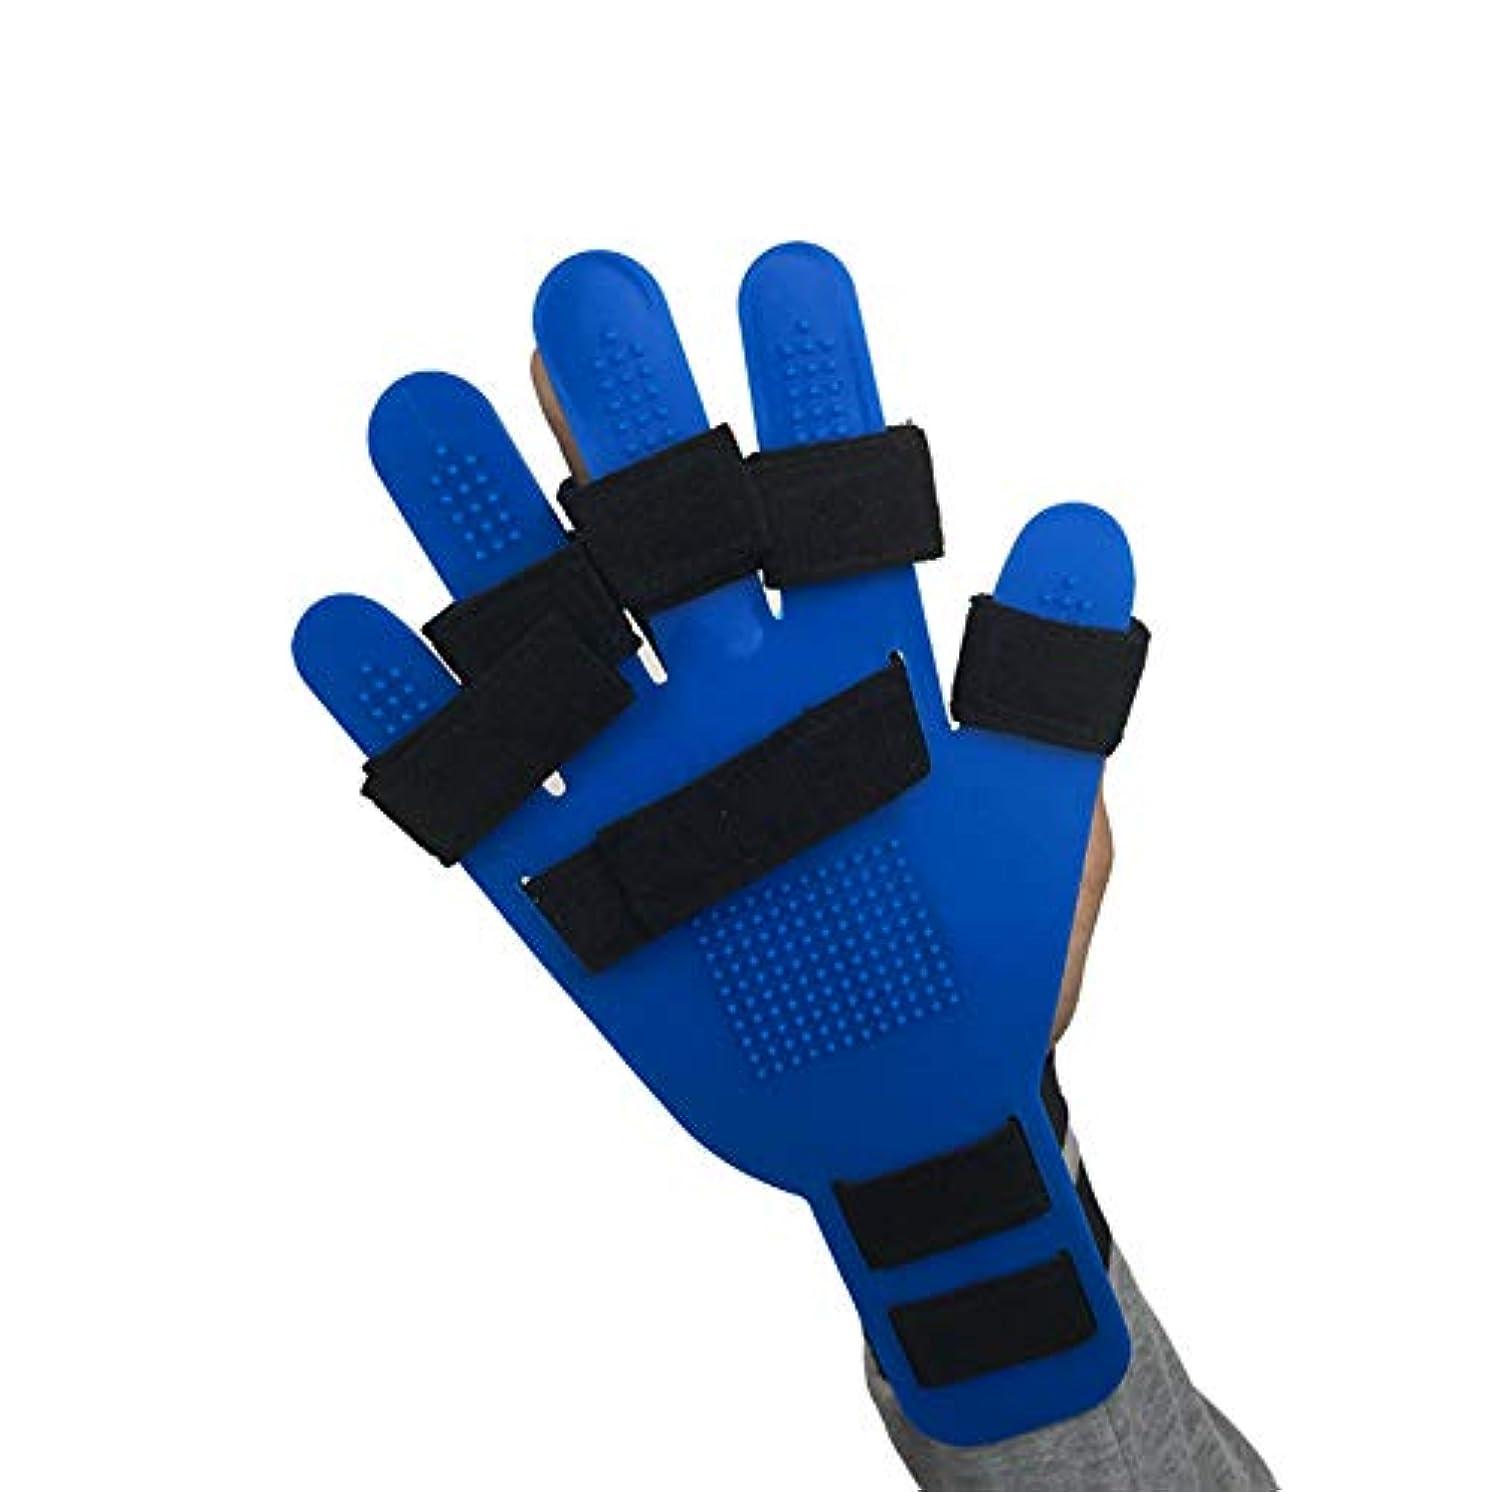 論理的安らぎ感嘆符5本指のセパレータは、手のひらに合うように曲げることができ、指のカーリングを軽減するために使用できます。